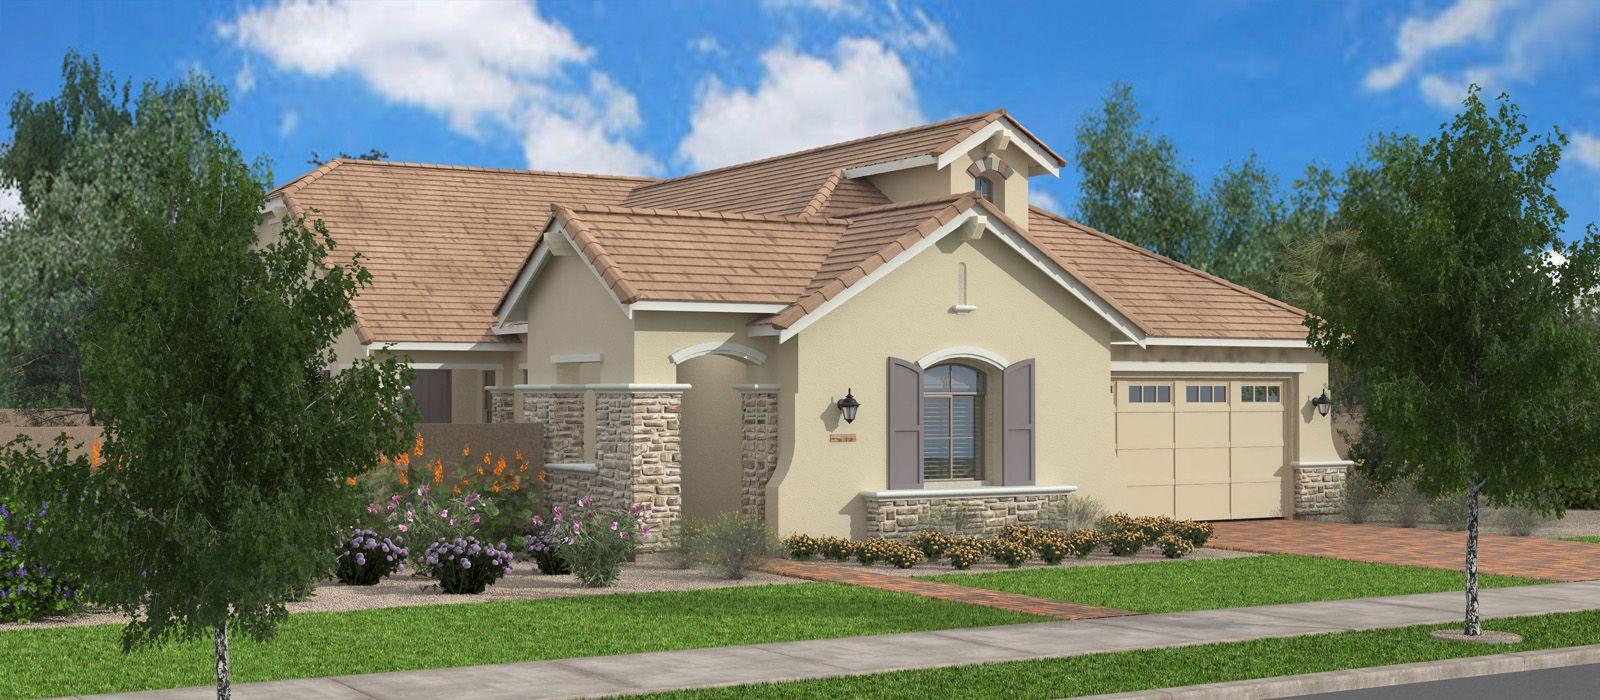 New Homes & Communities in Zip 85018 | 447 Communities